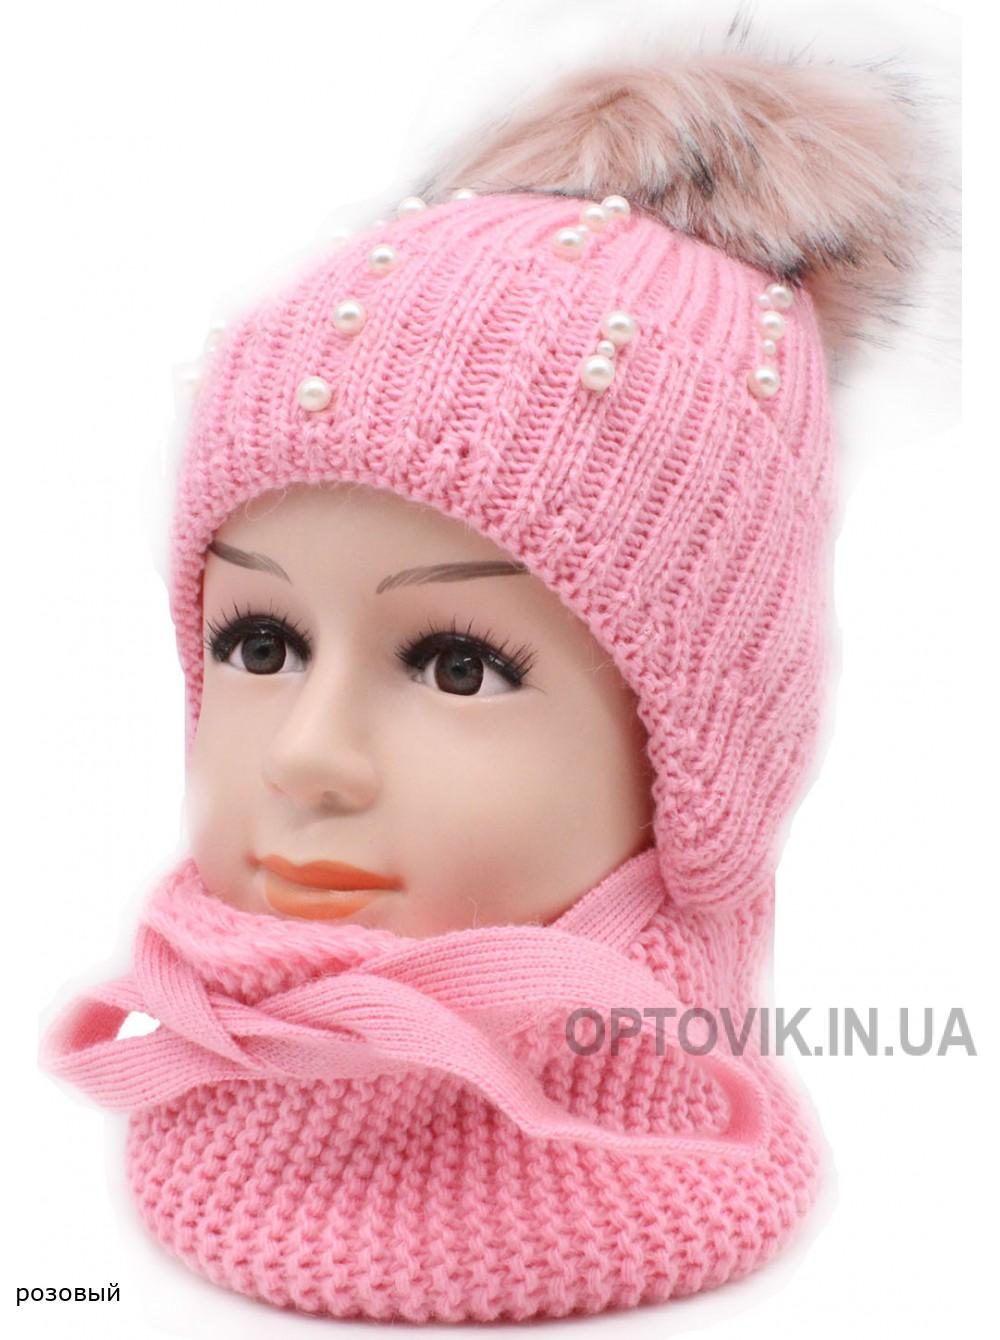 Детский вязаный комплект SX-32K Варя-415-48-50